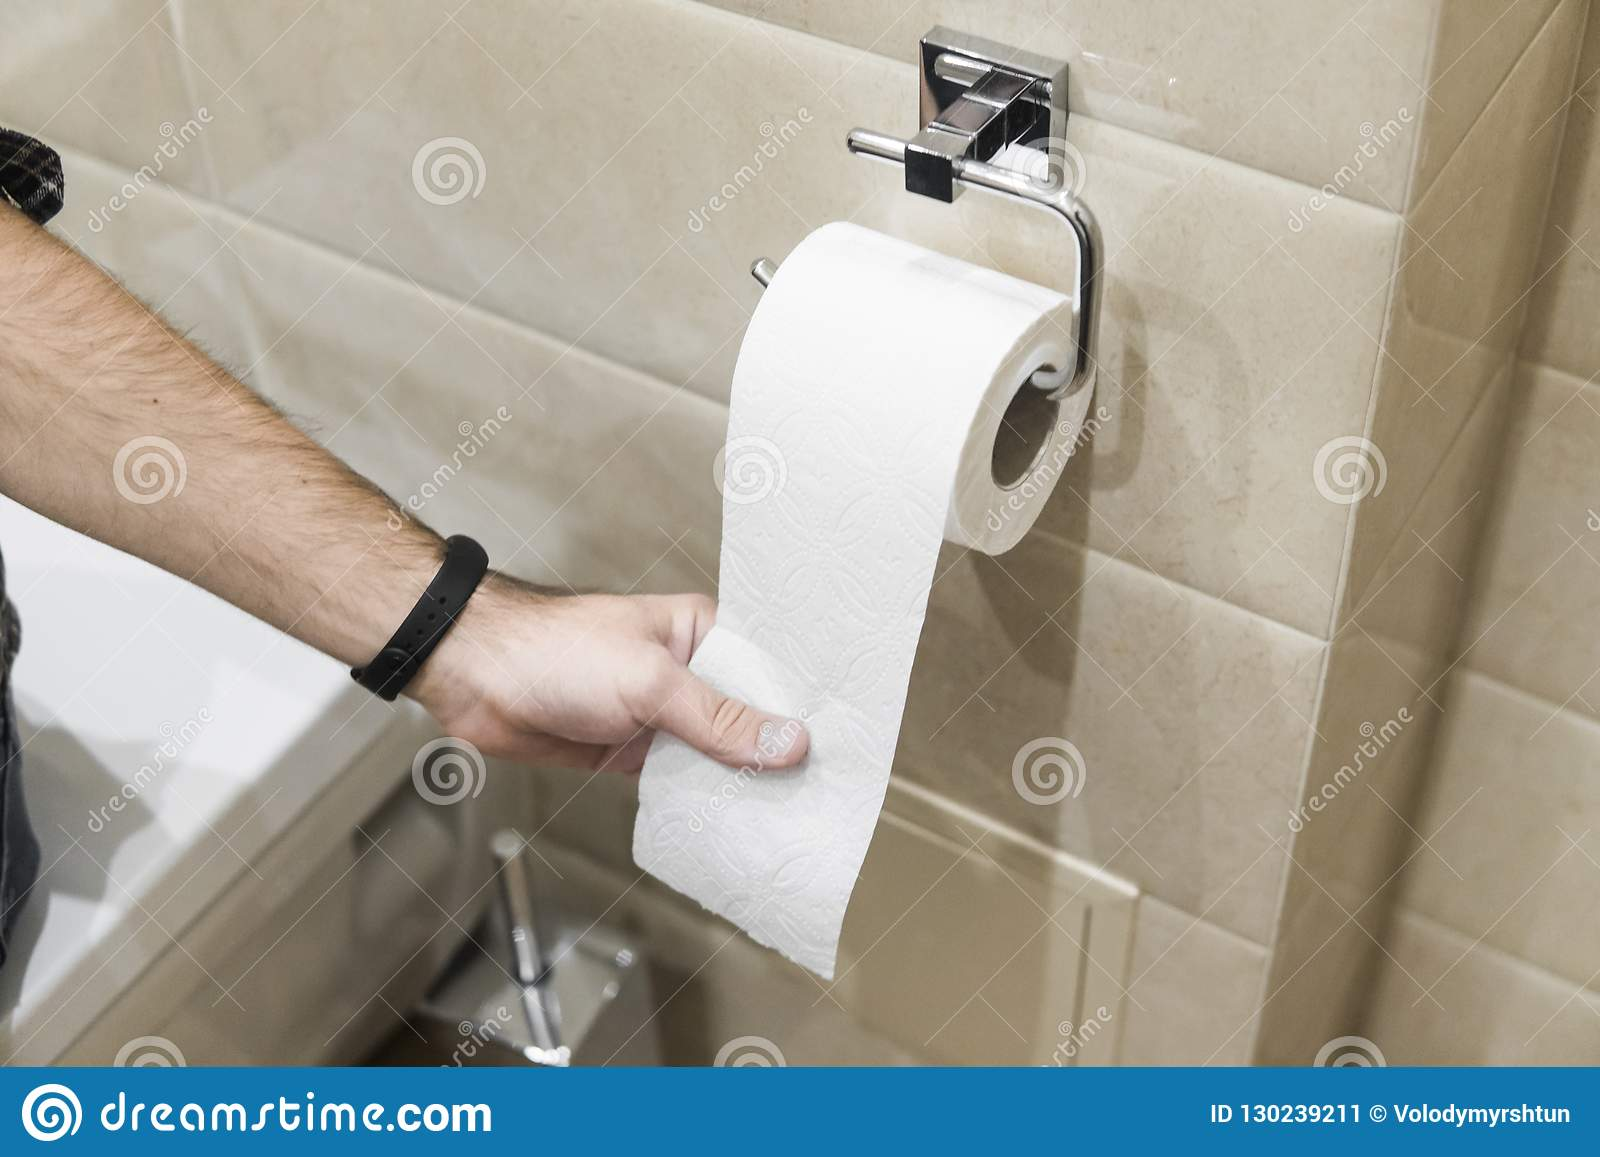 Nahaufnahmerollentoilettenpapier in der Toilette mit Handdem ziehen